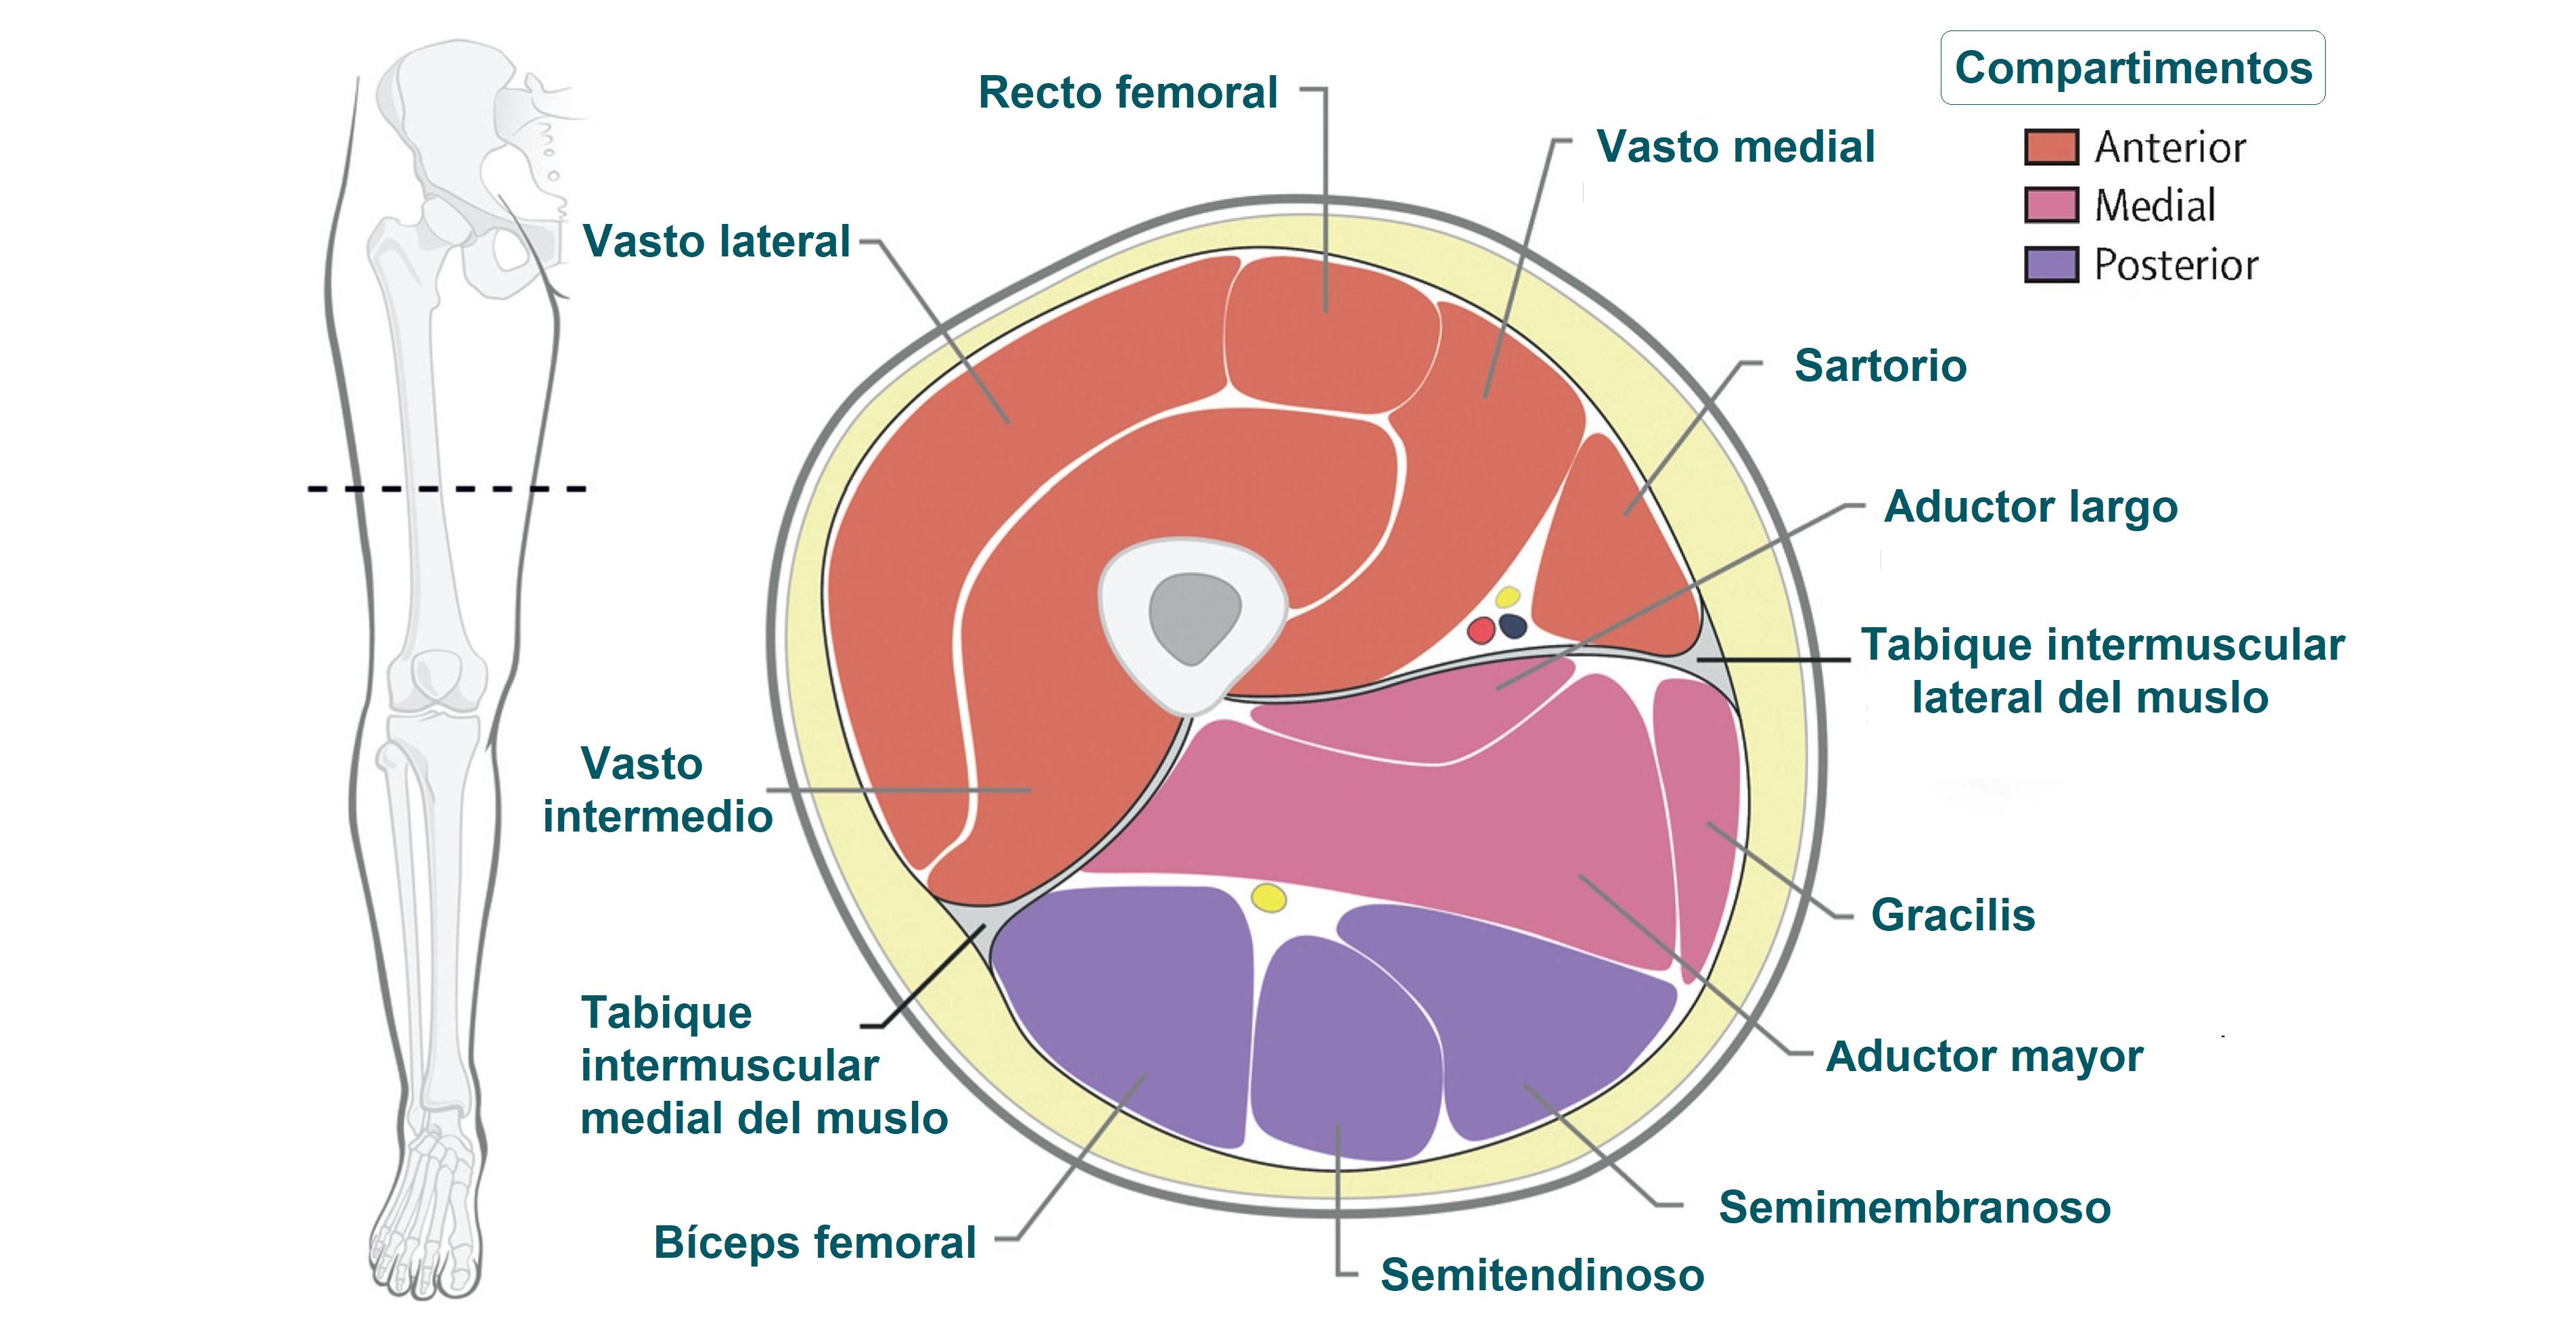 Anatomía del muslo